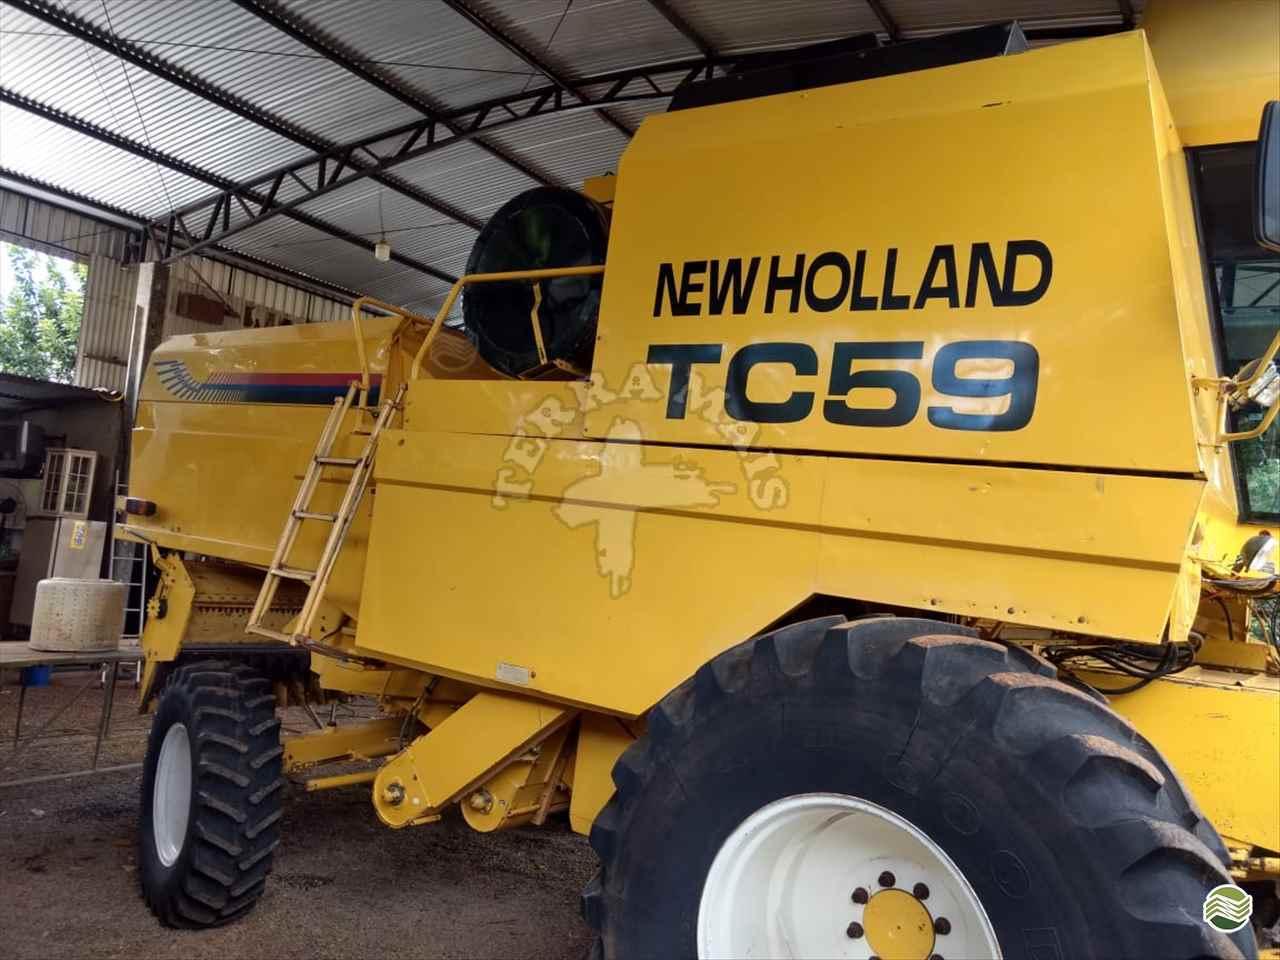 NEW HOLLAND TC 59  2003/2003 Terra Mais Implementos Agrícolas